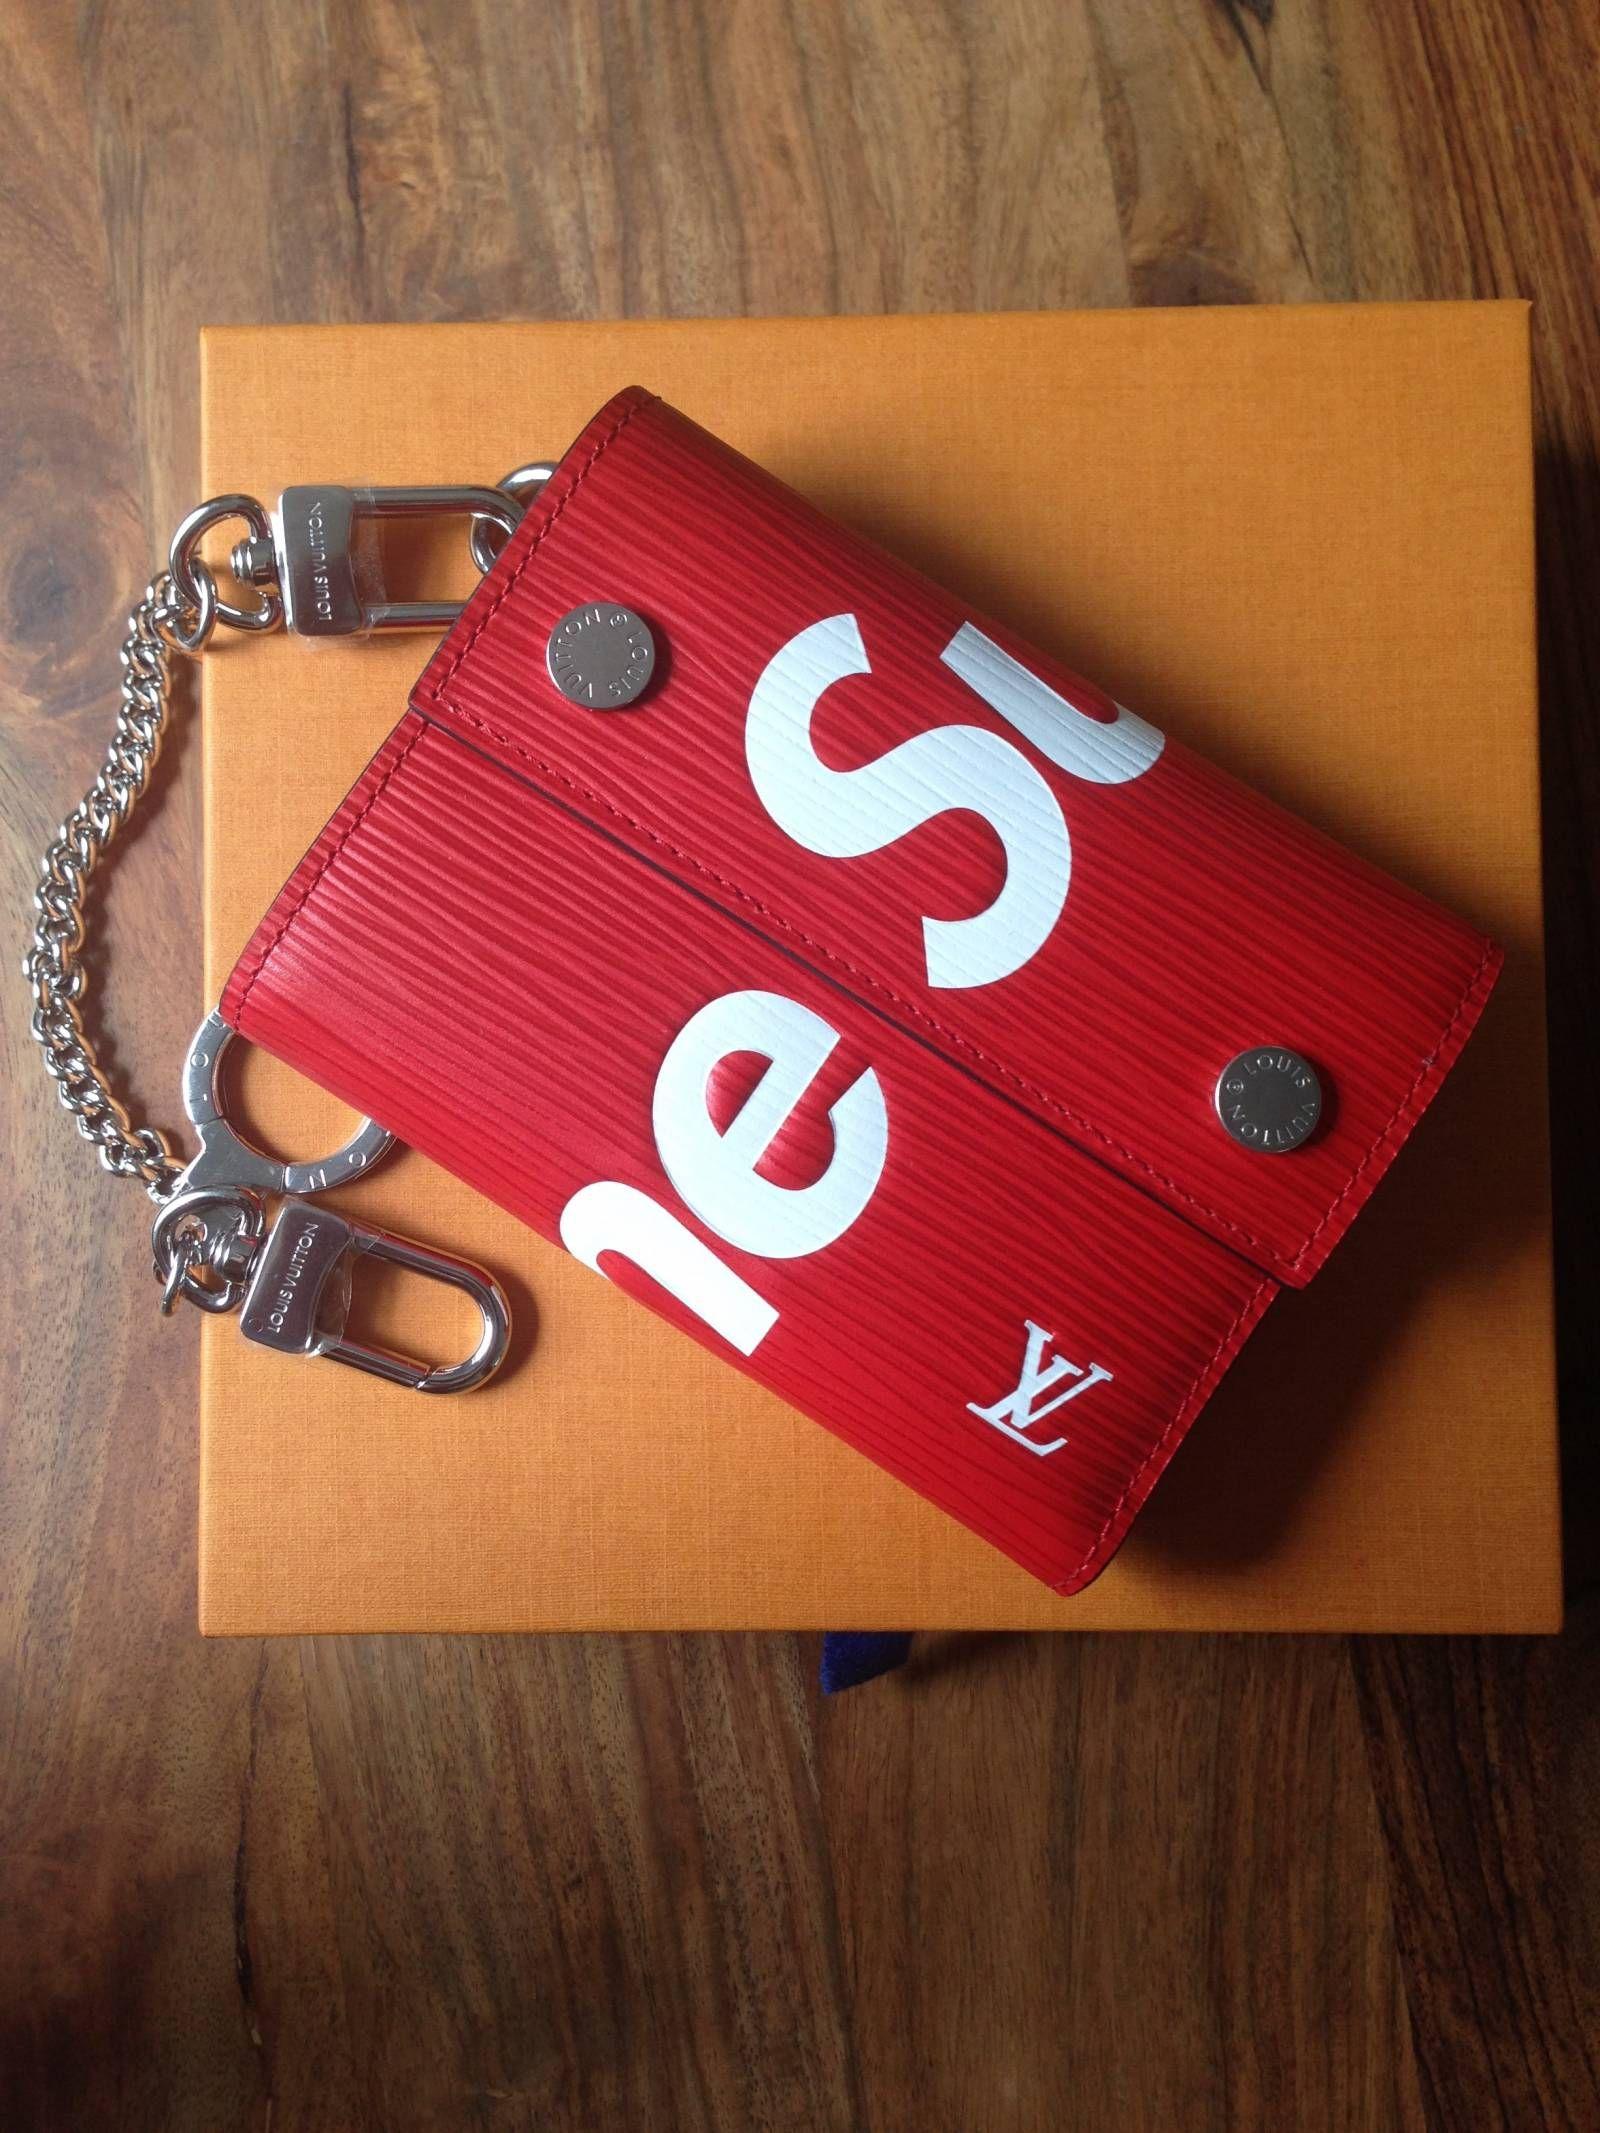 9deb60bc1454 Louis Vuitton x Supreme Chain Wallet